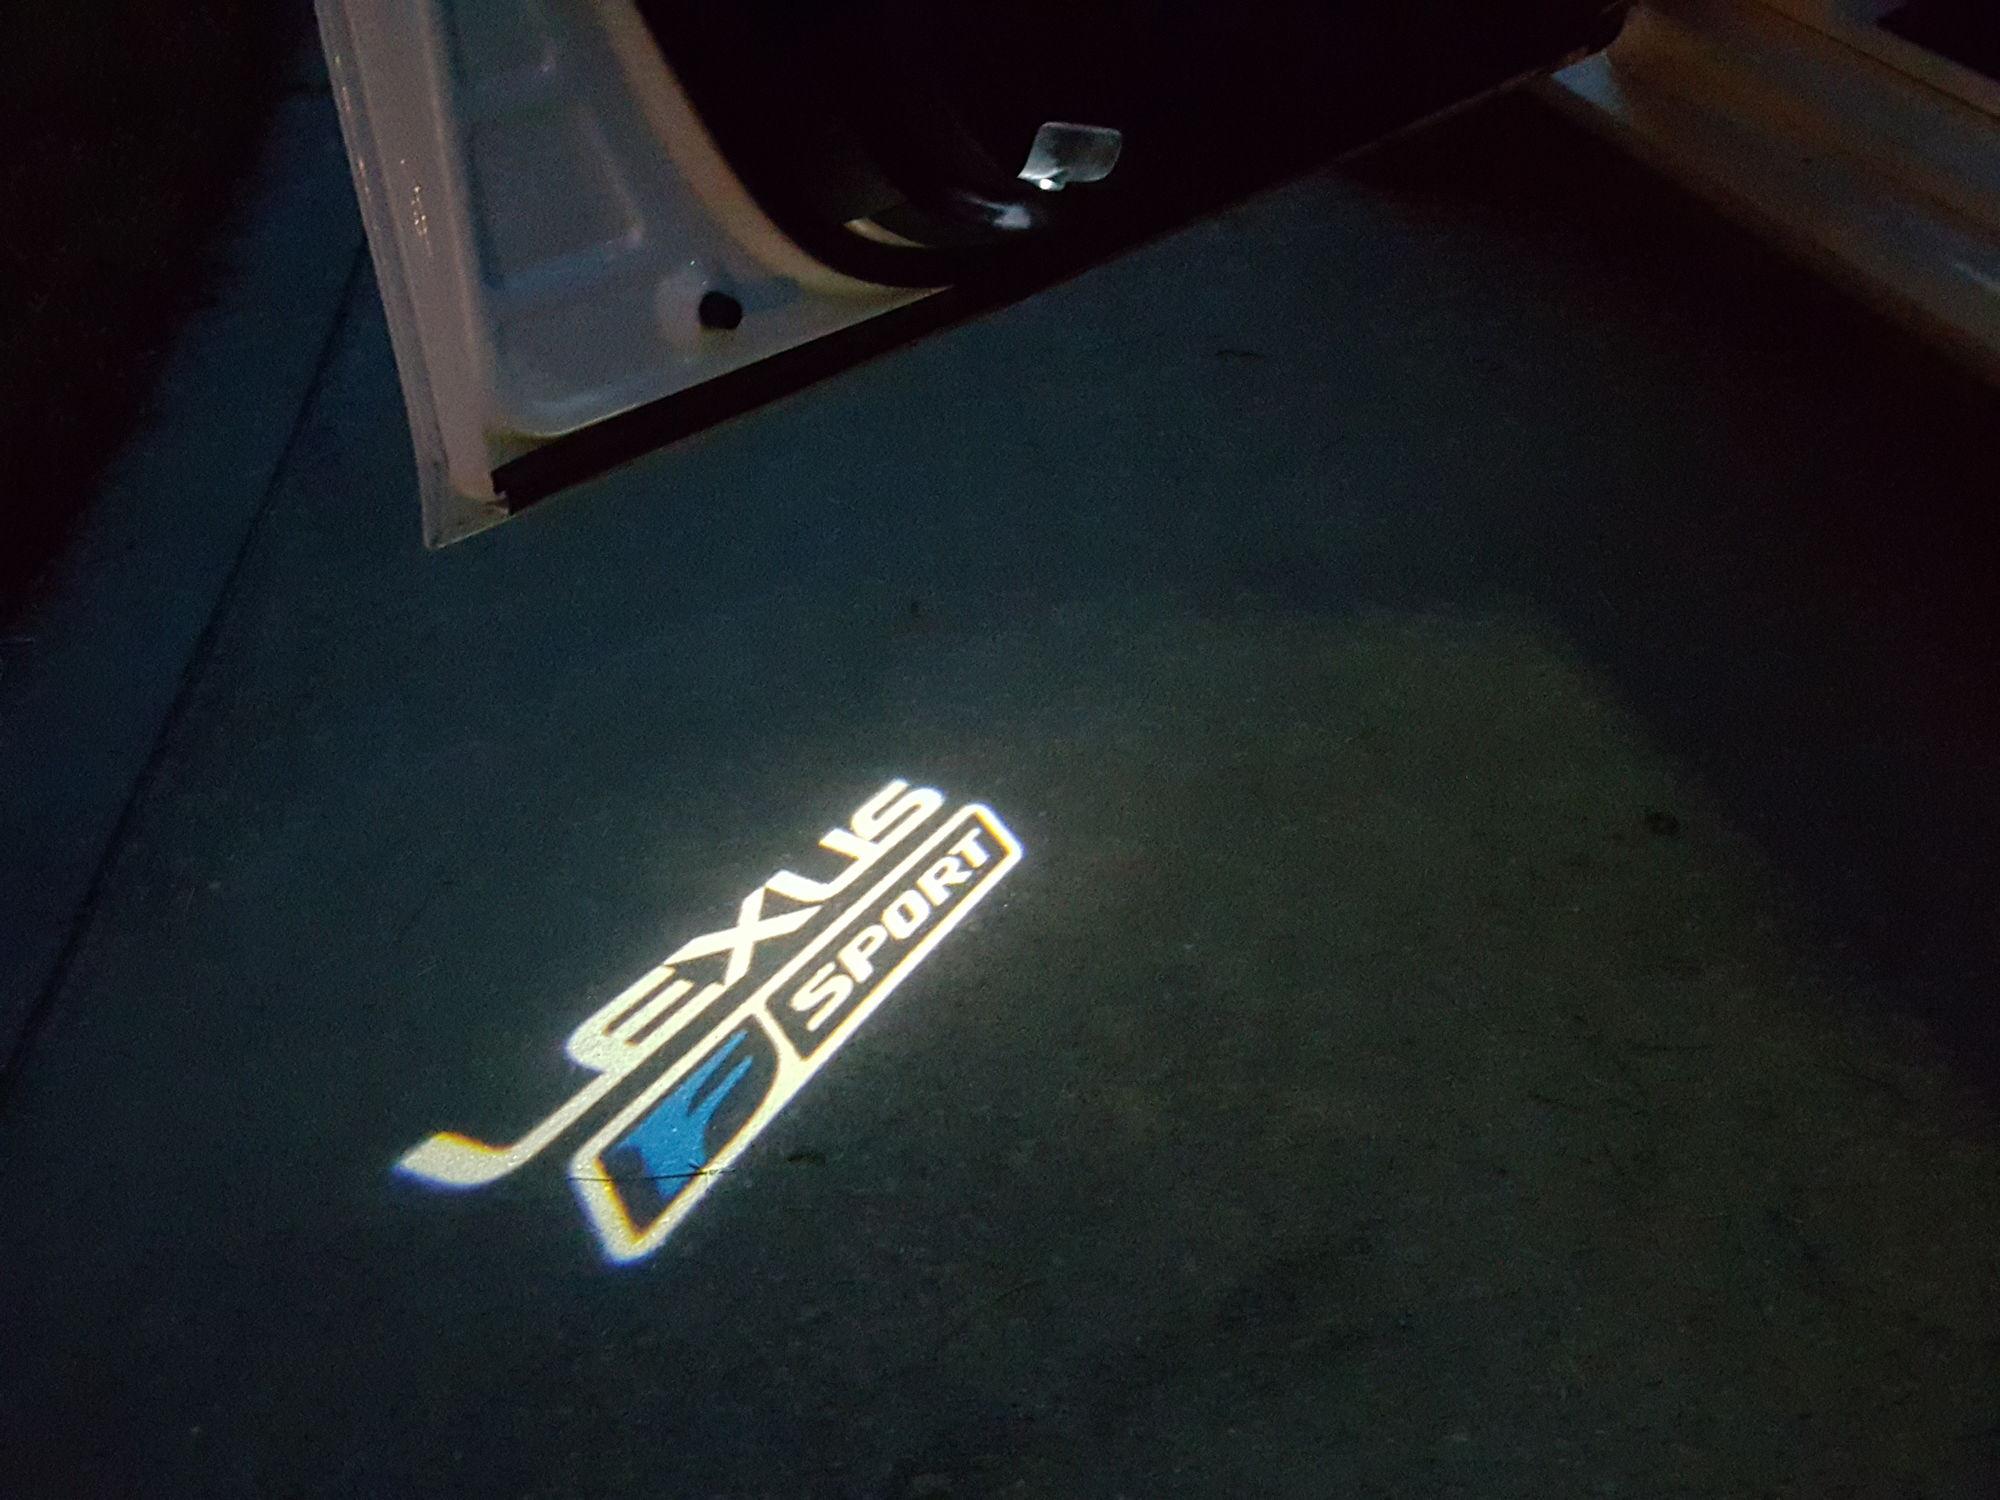 2013 Lexus F-Sport Door light projector logo. & Changing the door welcome courtesy light. - Page 9 - ClubLexus ...